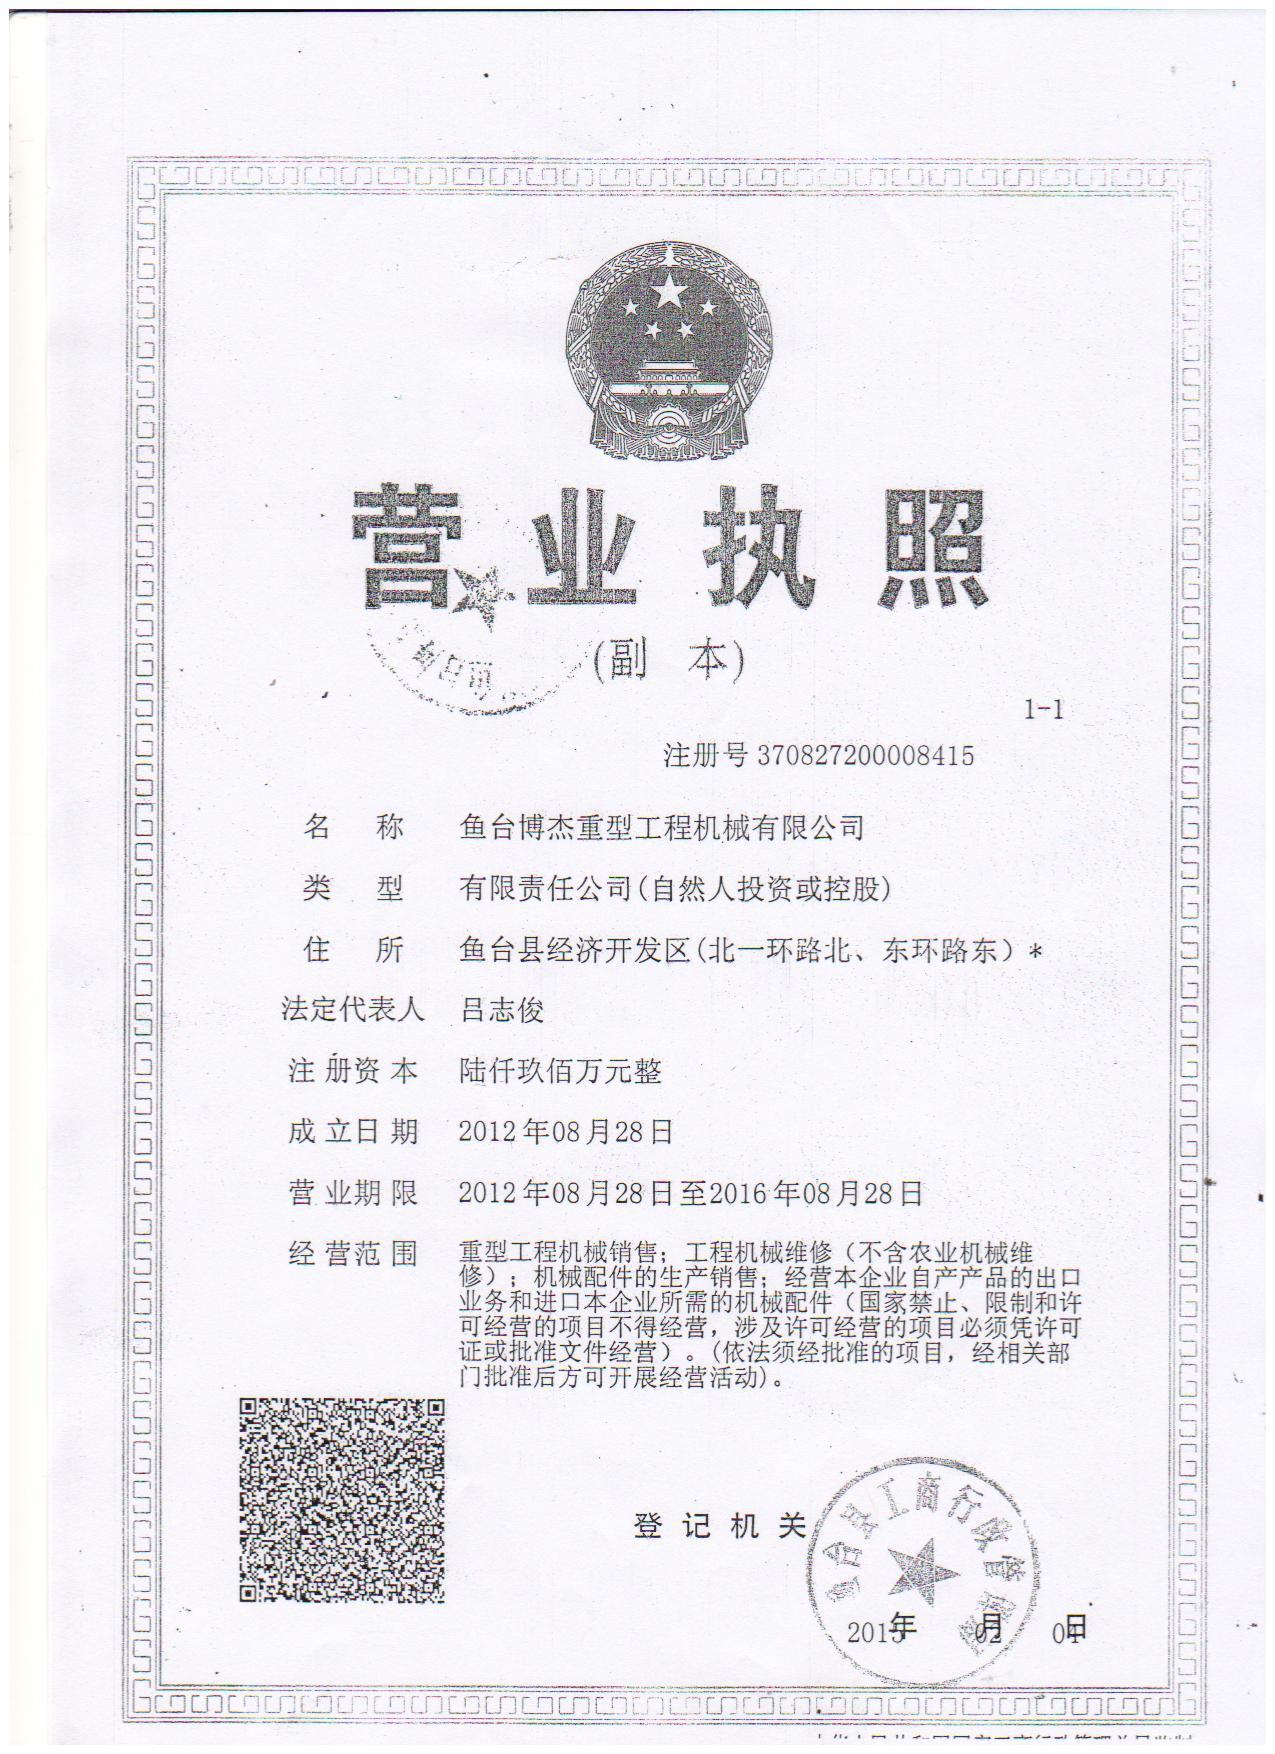 魚臺博杰重型工程機械配件公司